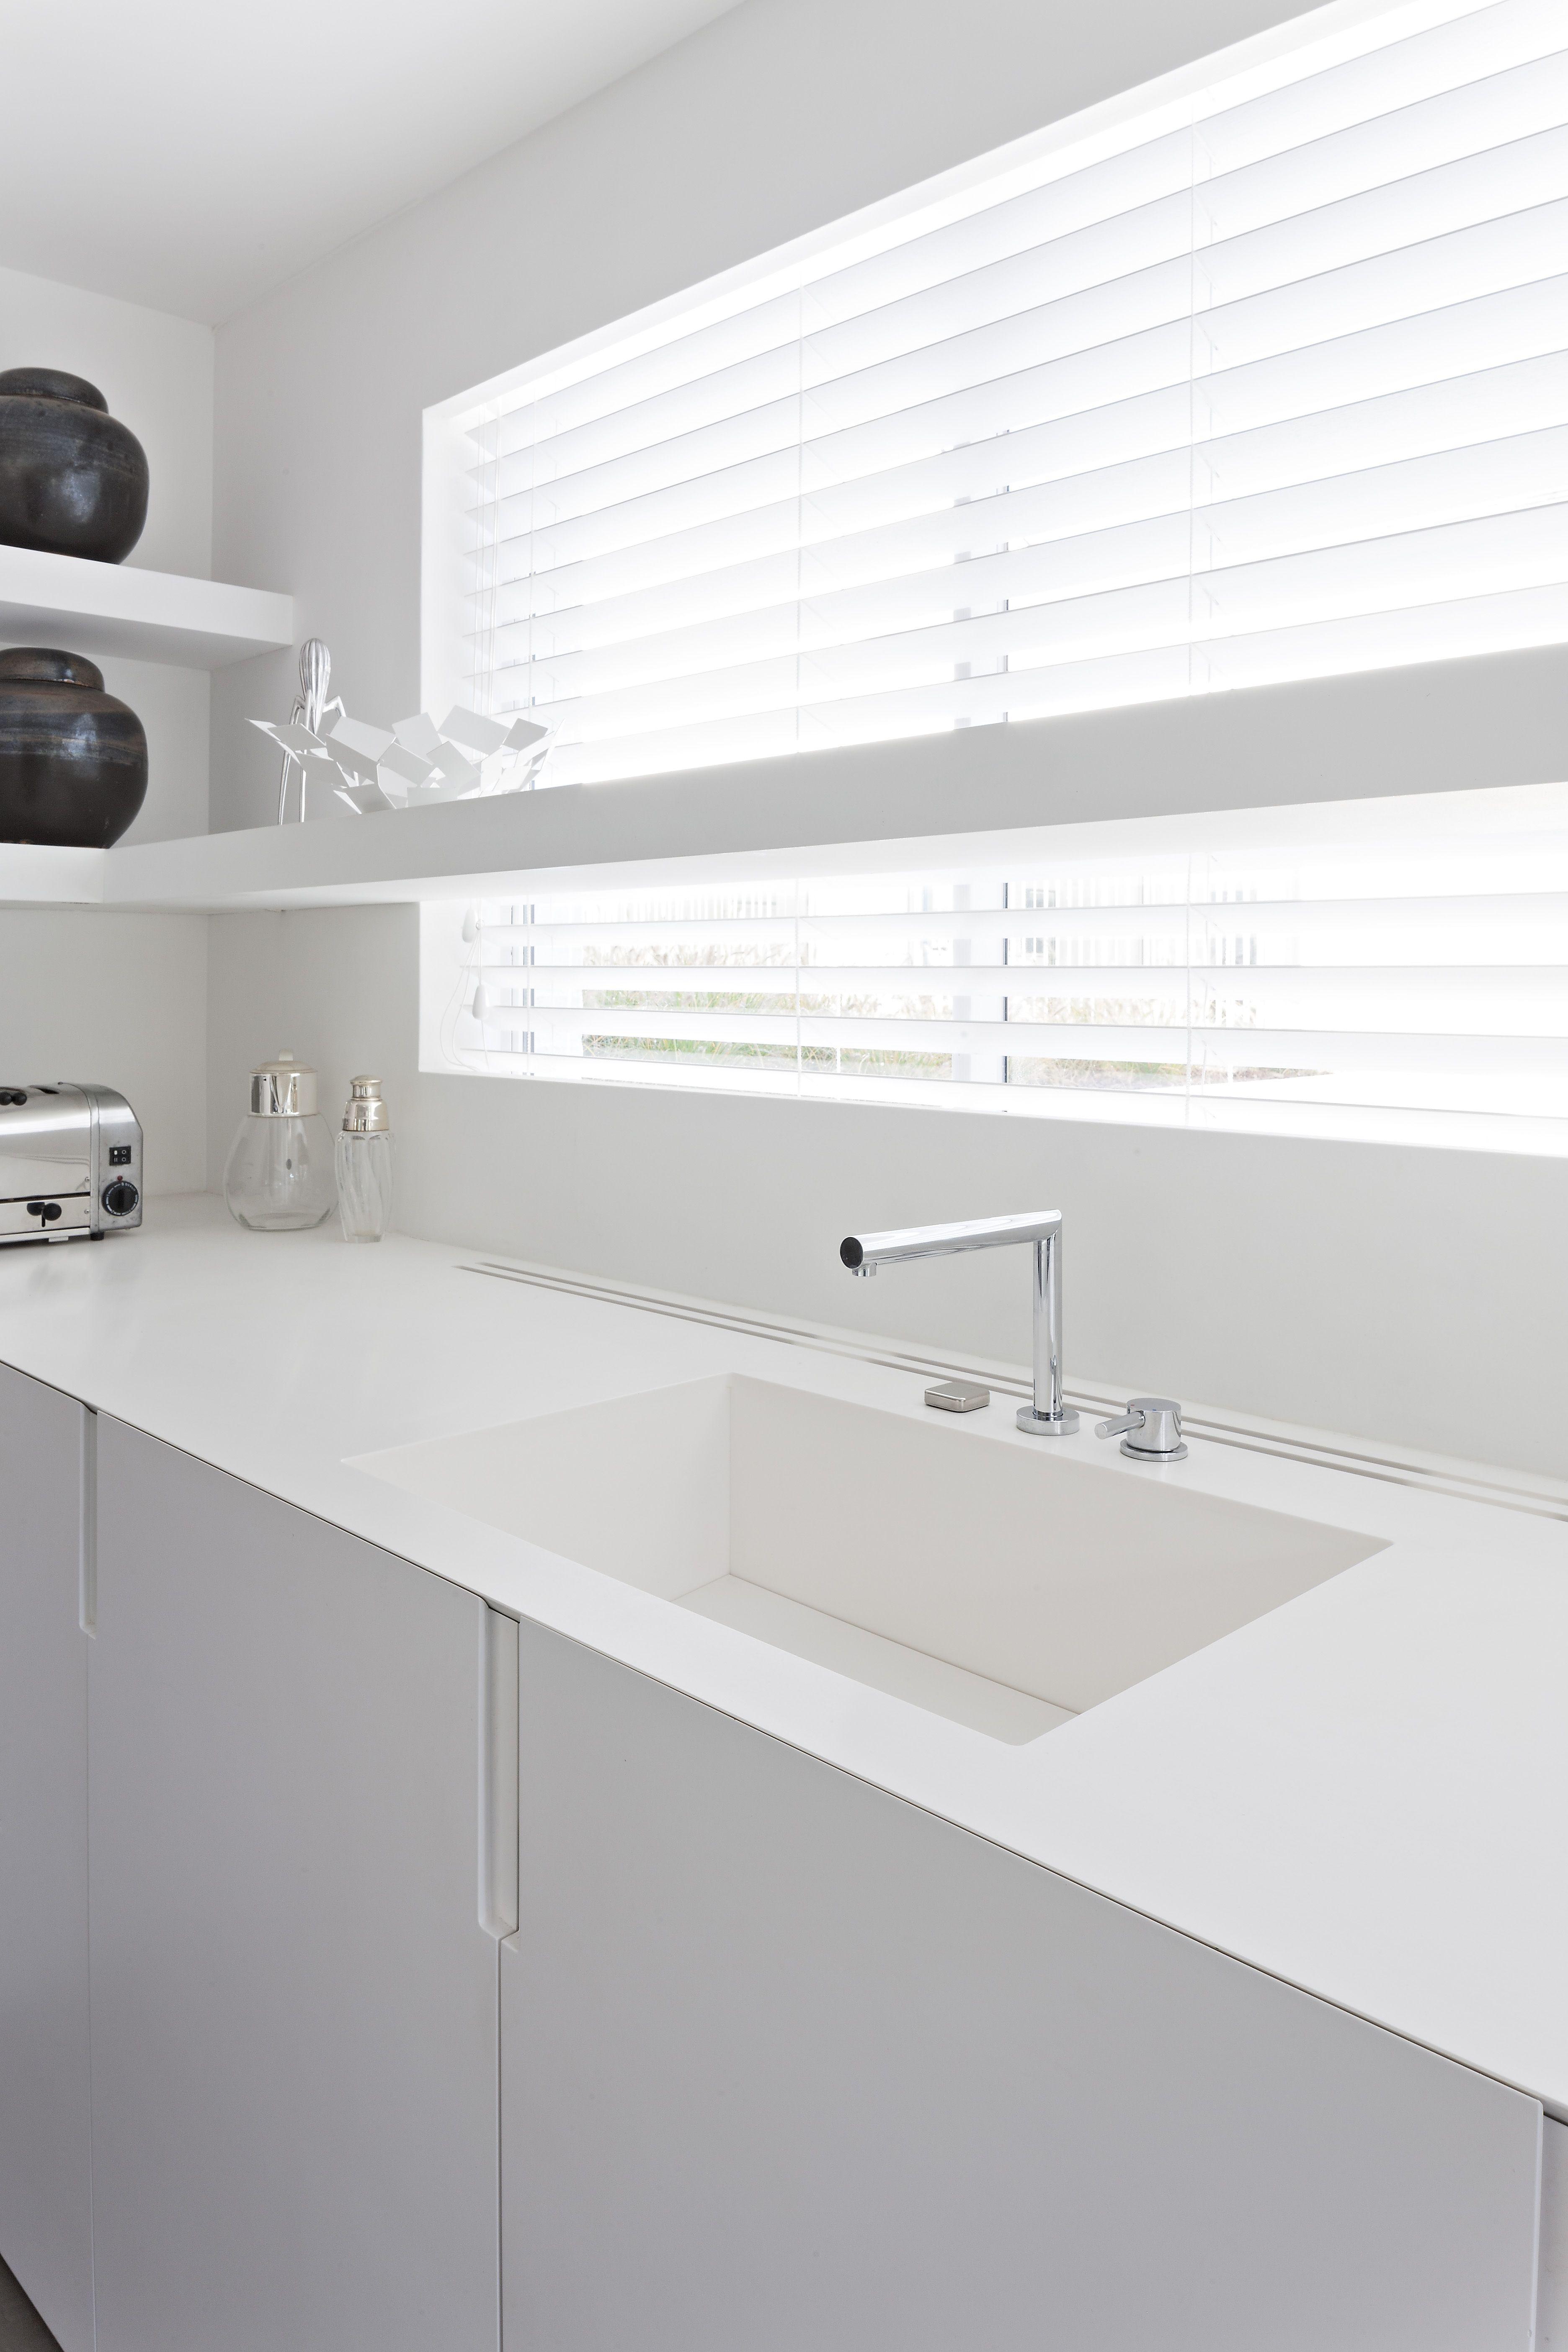 Integrated Corian Sink By Liedssen Kuche Spulbecken Wohnung Kuche Haus Kuchen